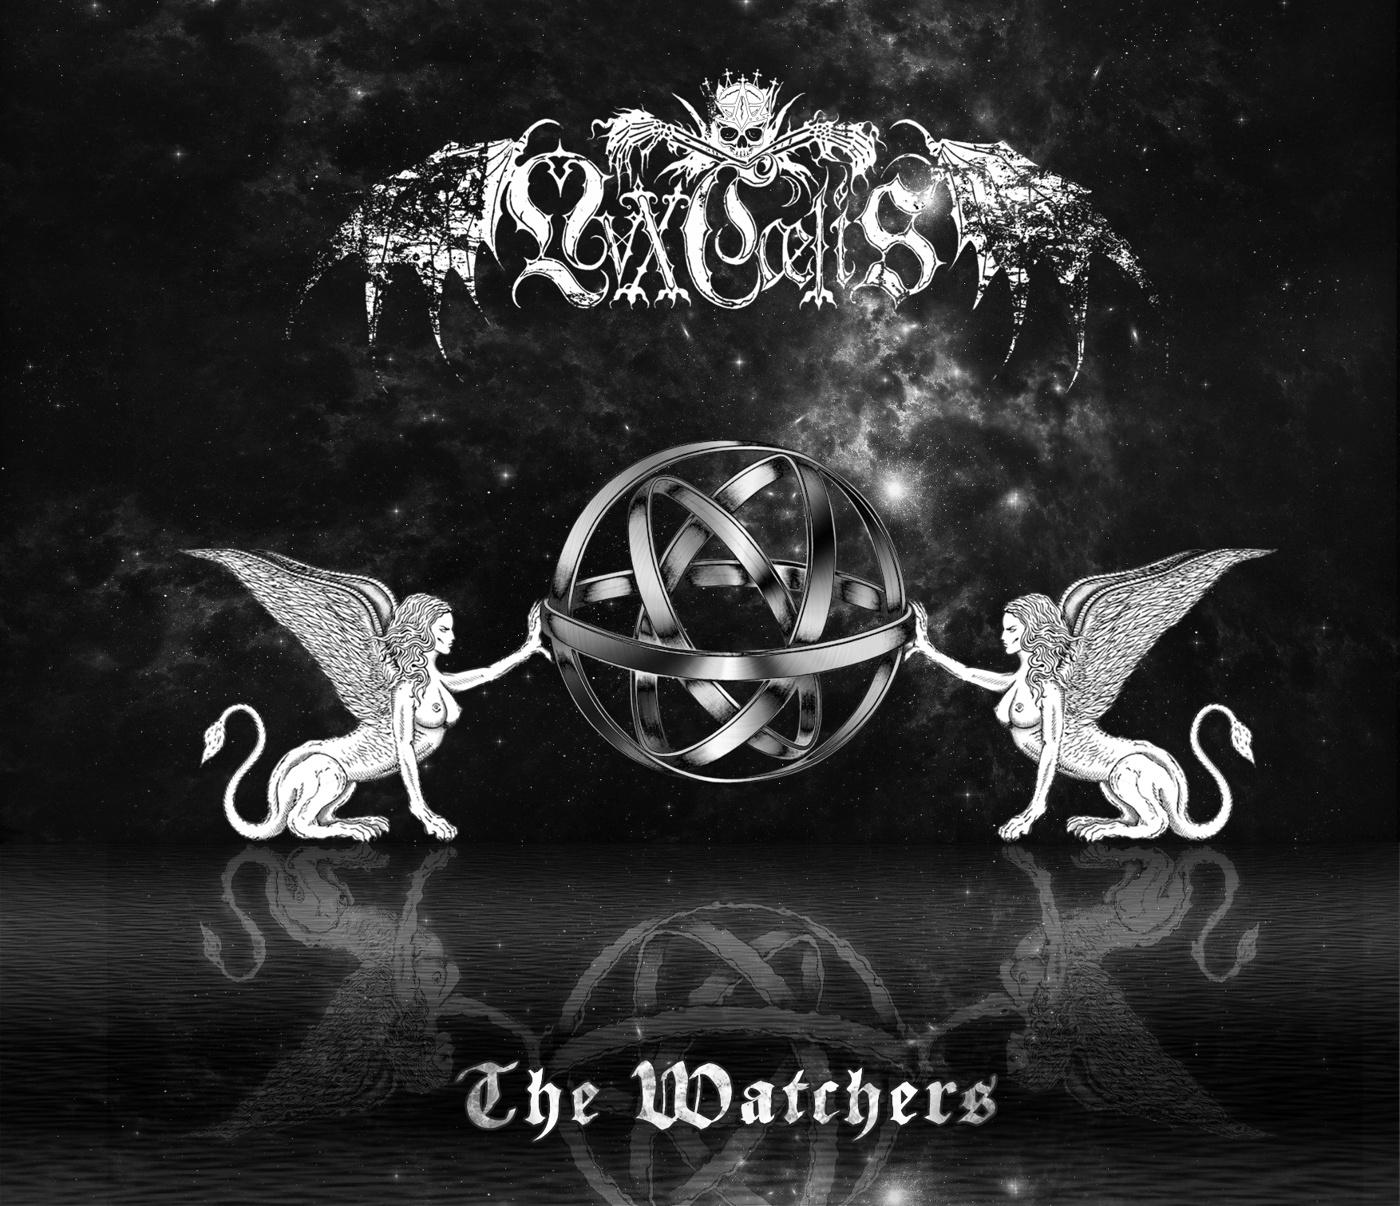 LvxCaelis_The_Watchers_Album_cover2